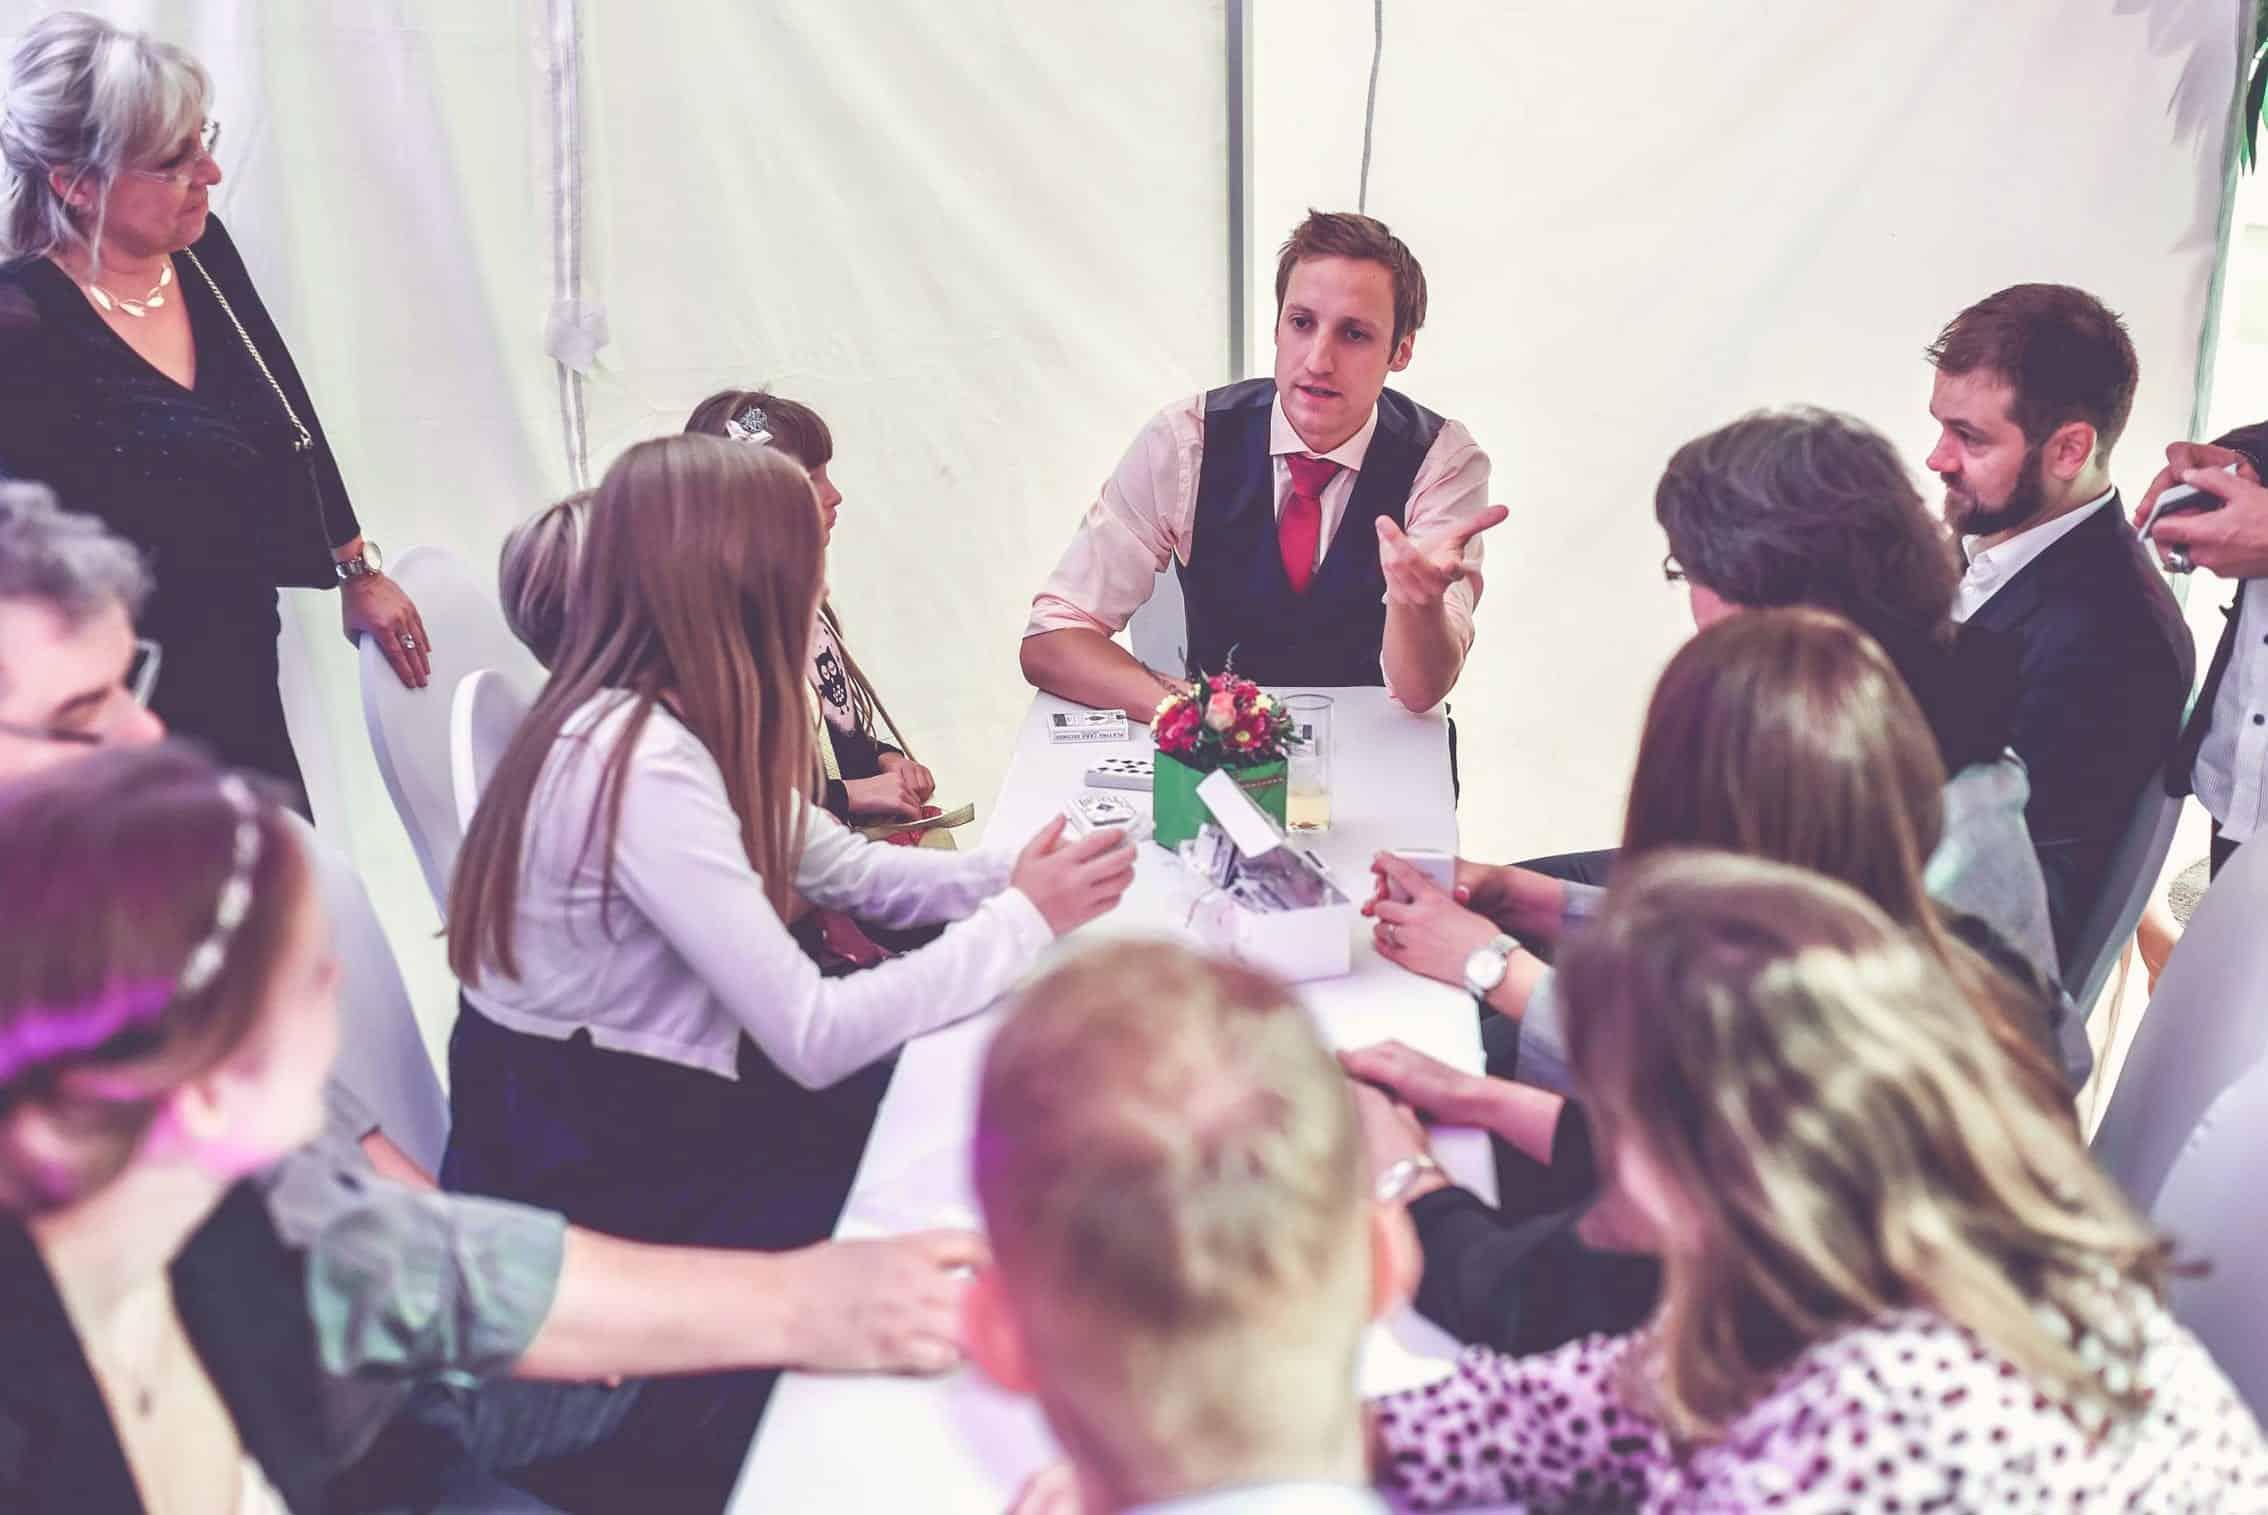 Bei einer Teambuilding Veranstaltung lernen Die MItarbeiter einen Zaubertrick mit Spielkarten vom Zauberer.